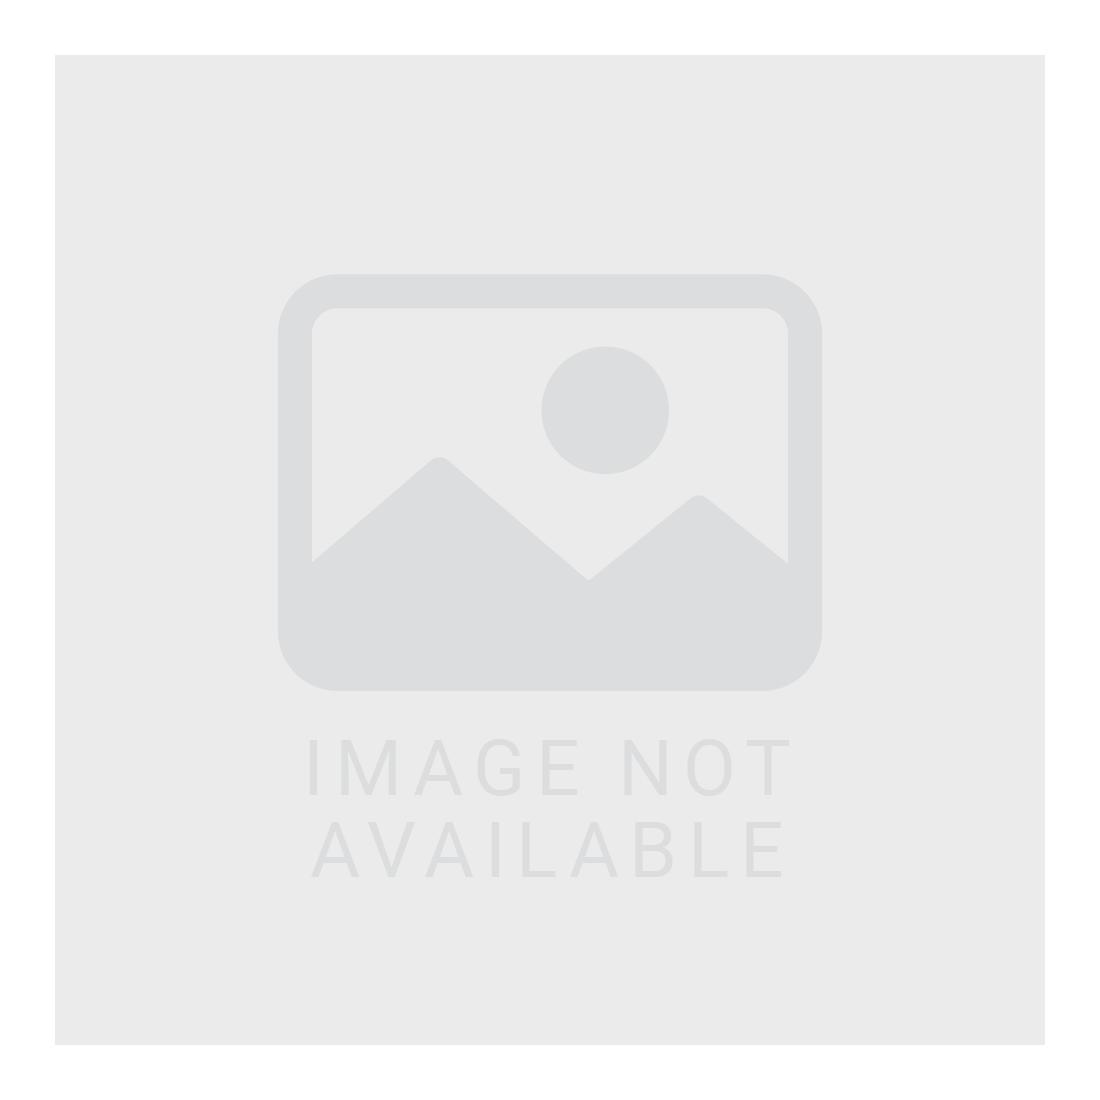 Women's Anodized Hex Nut Stretch Bracelet